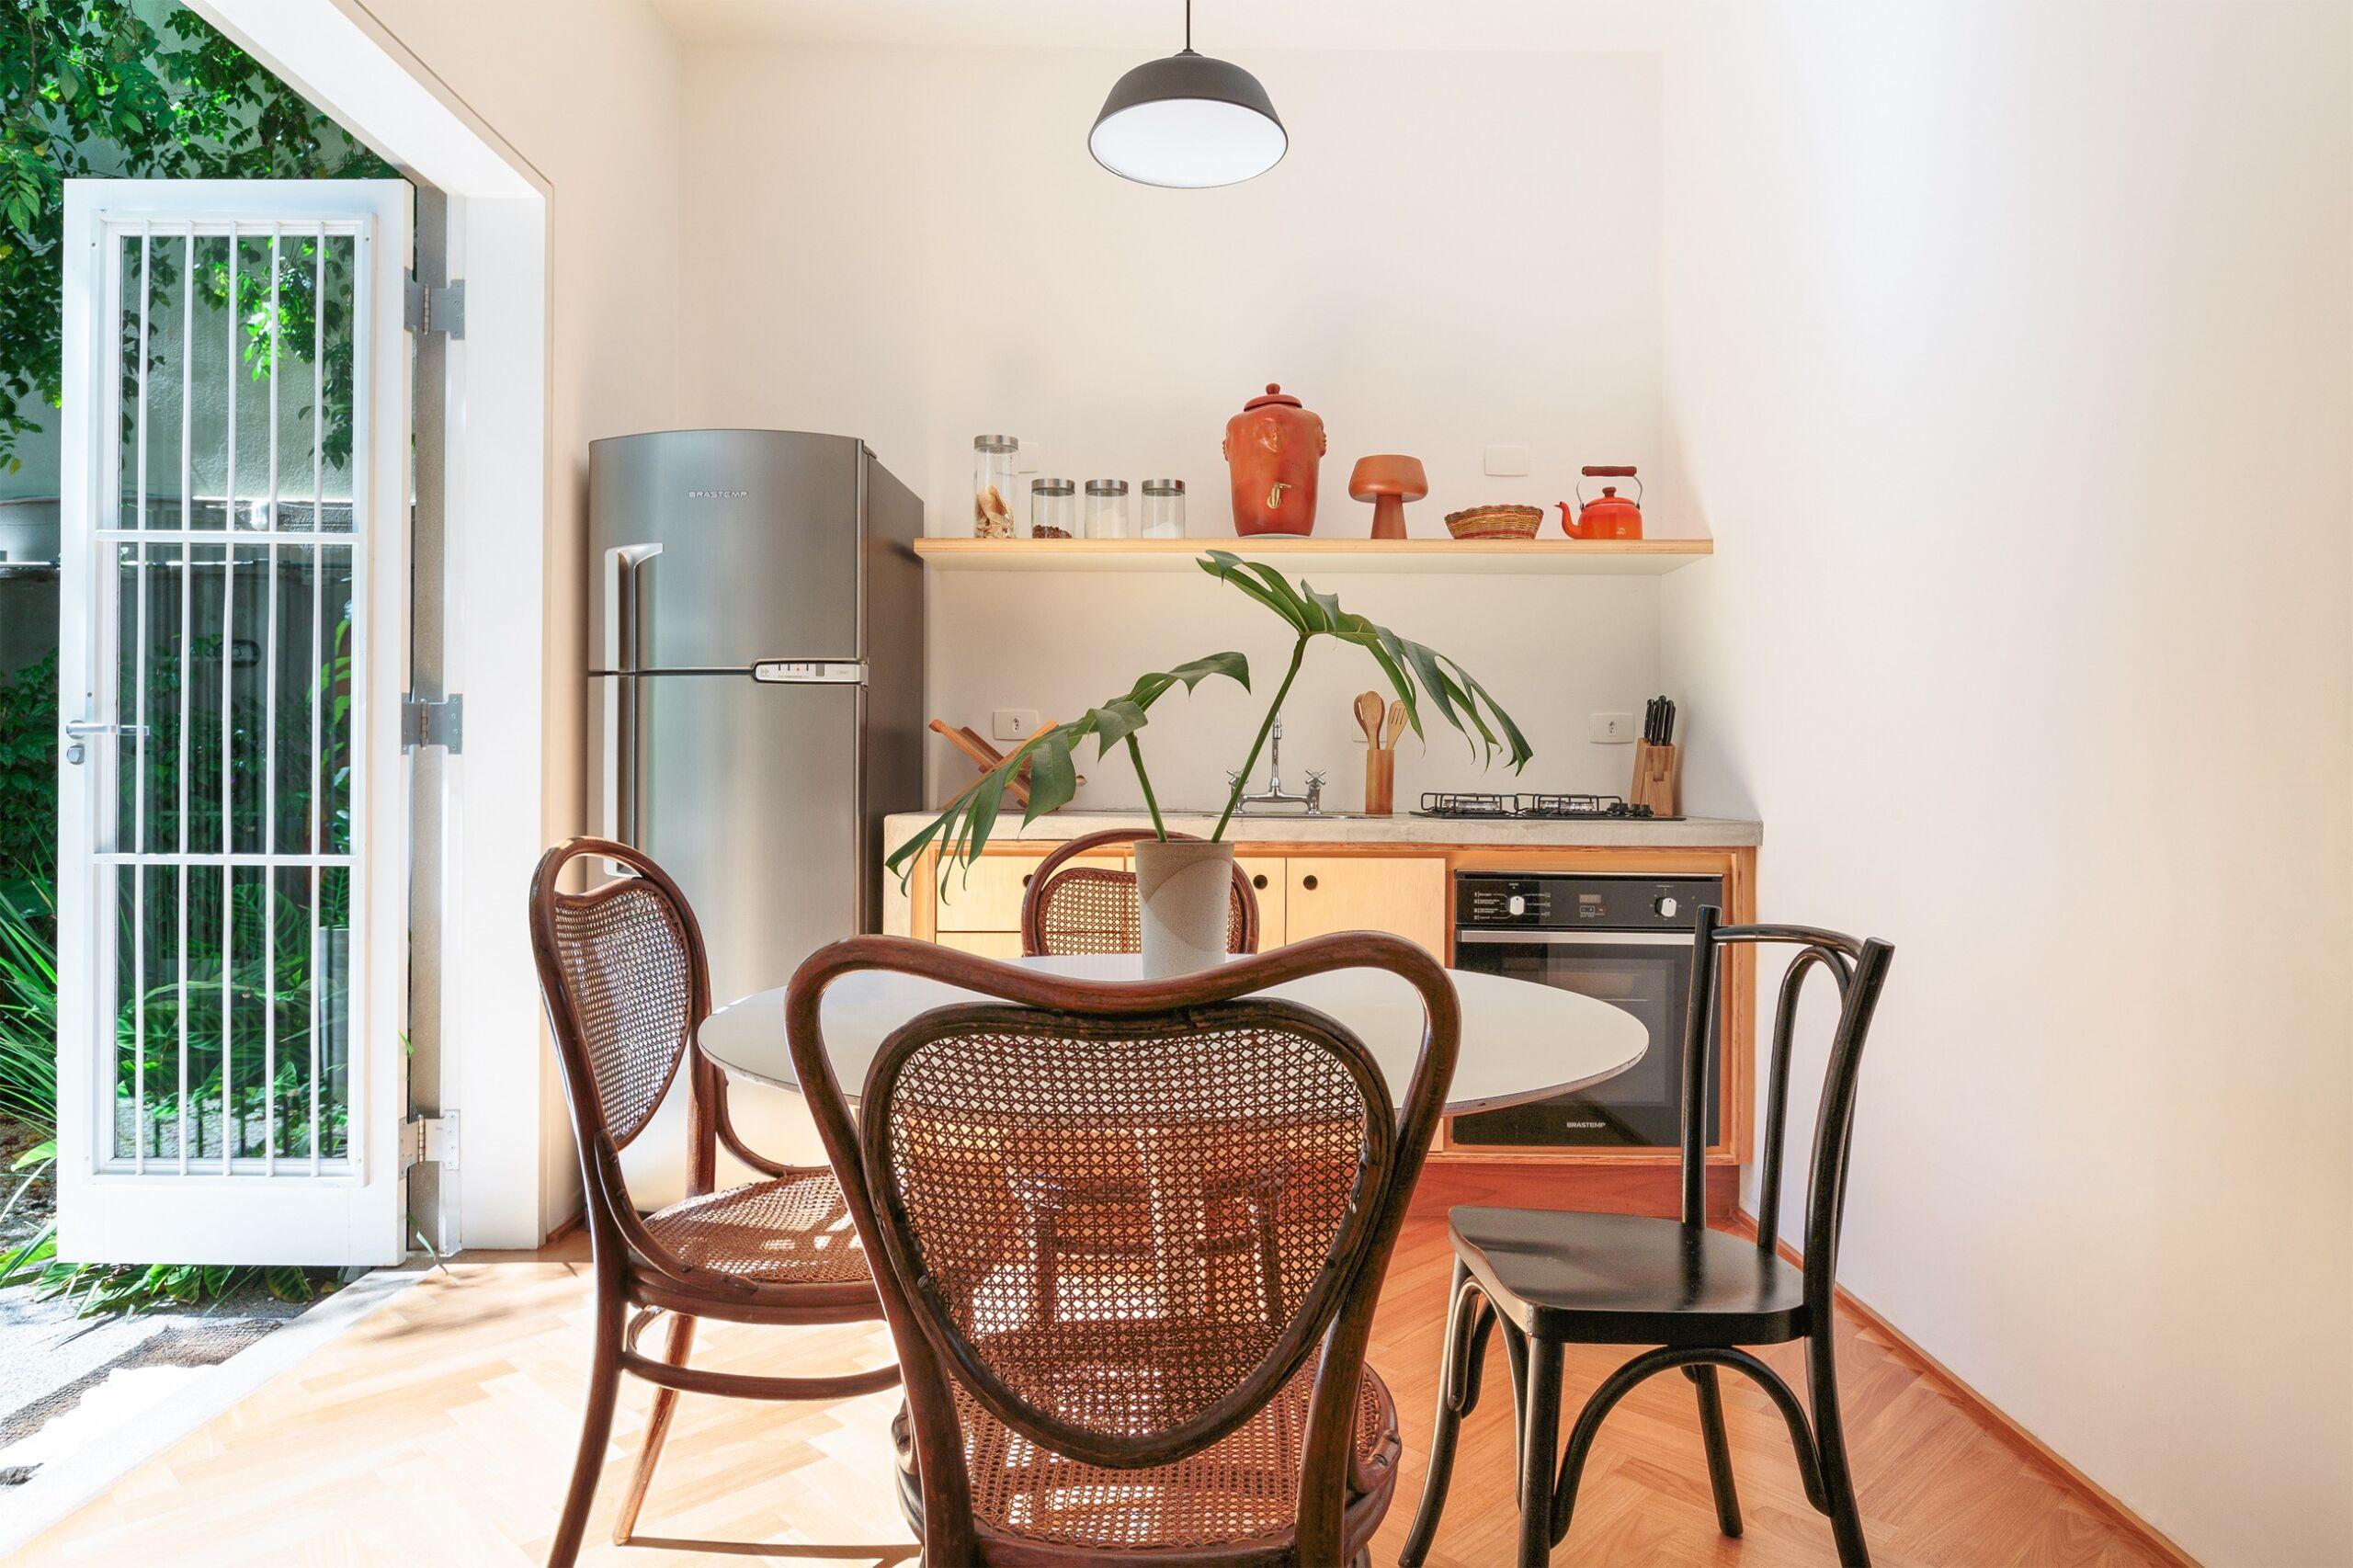 decoração cozinha cadeira thonet